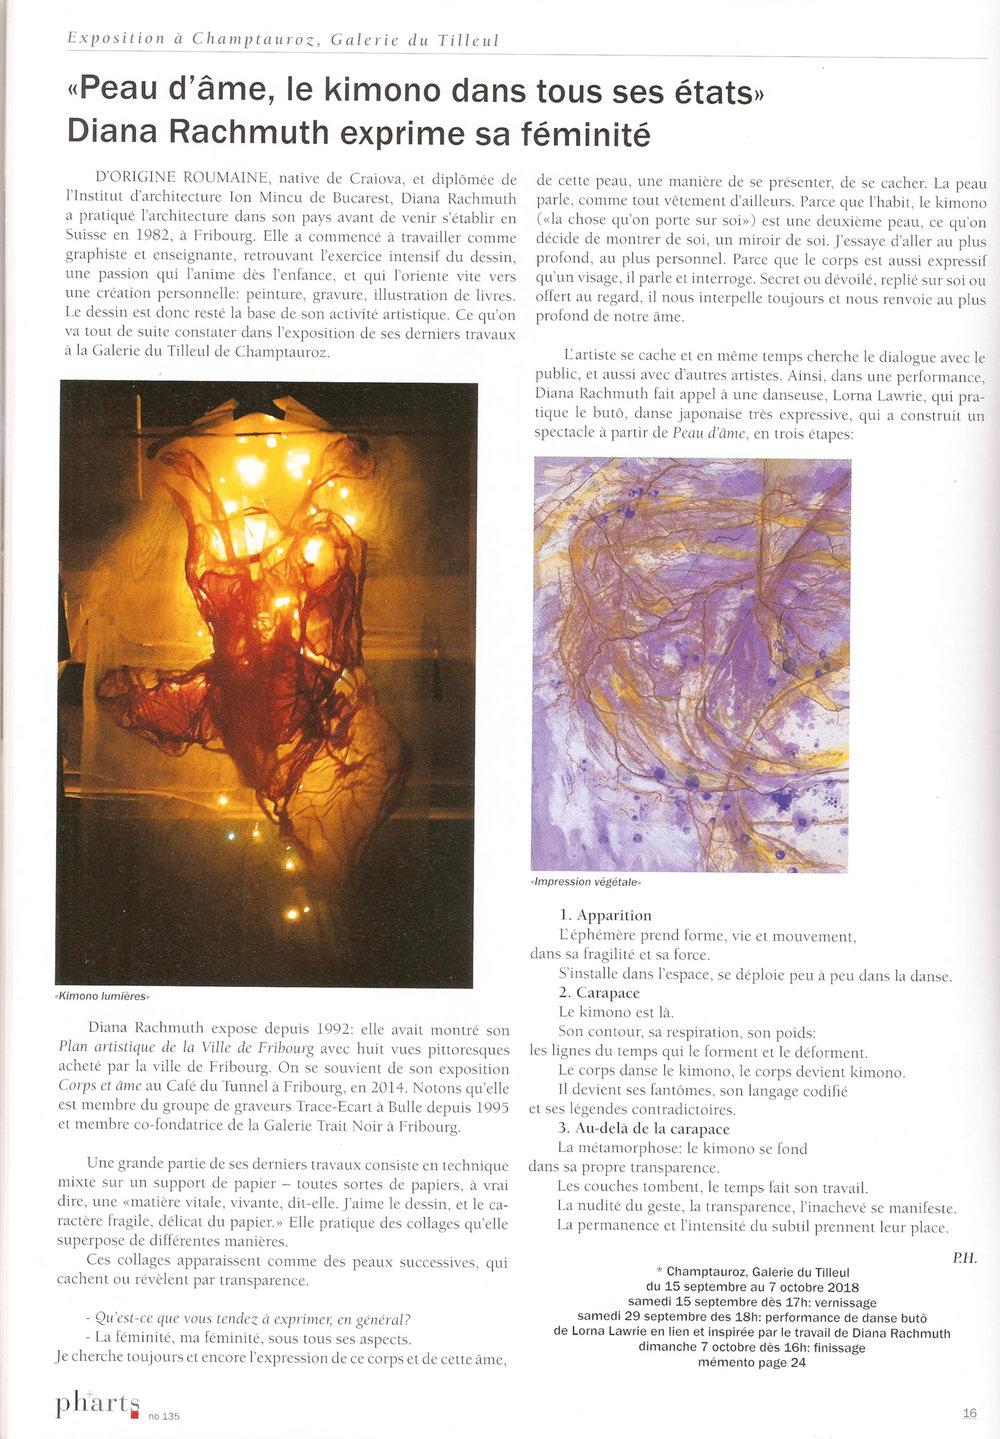 Article paru sur le magazine pharts (No 135, août-septembre 2018)